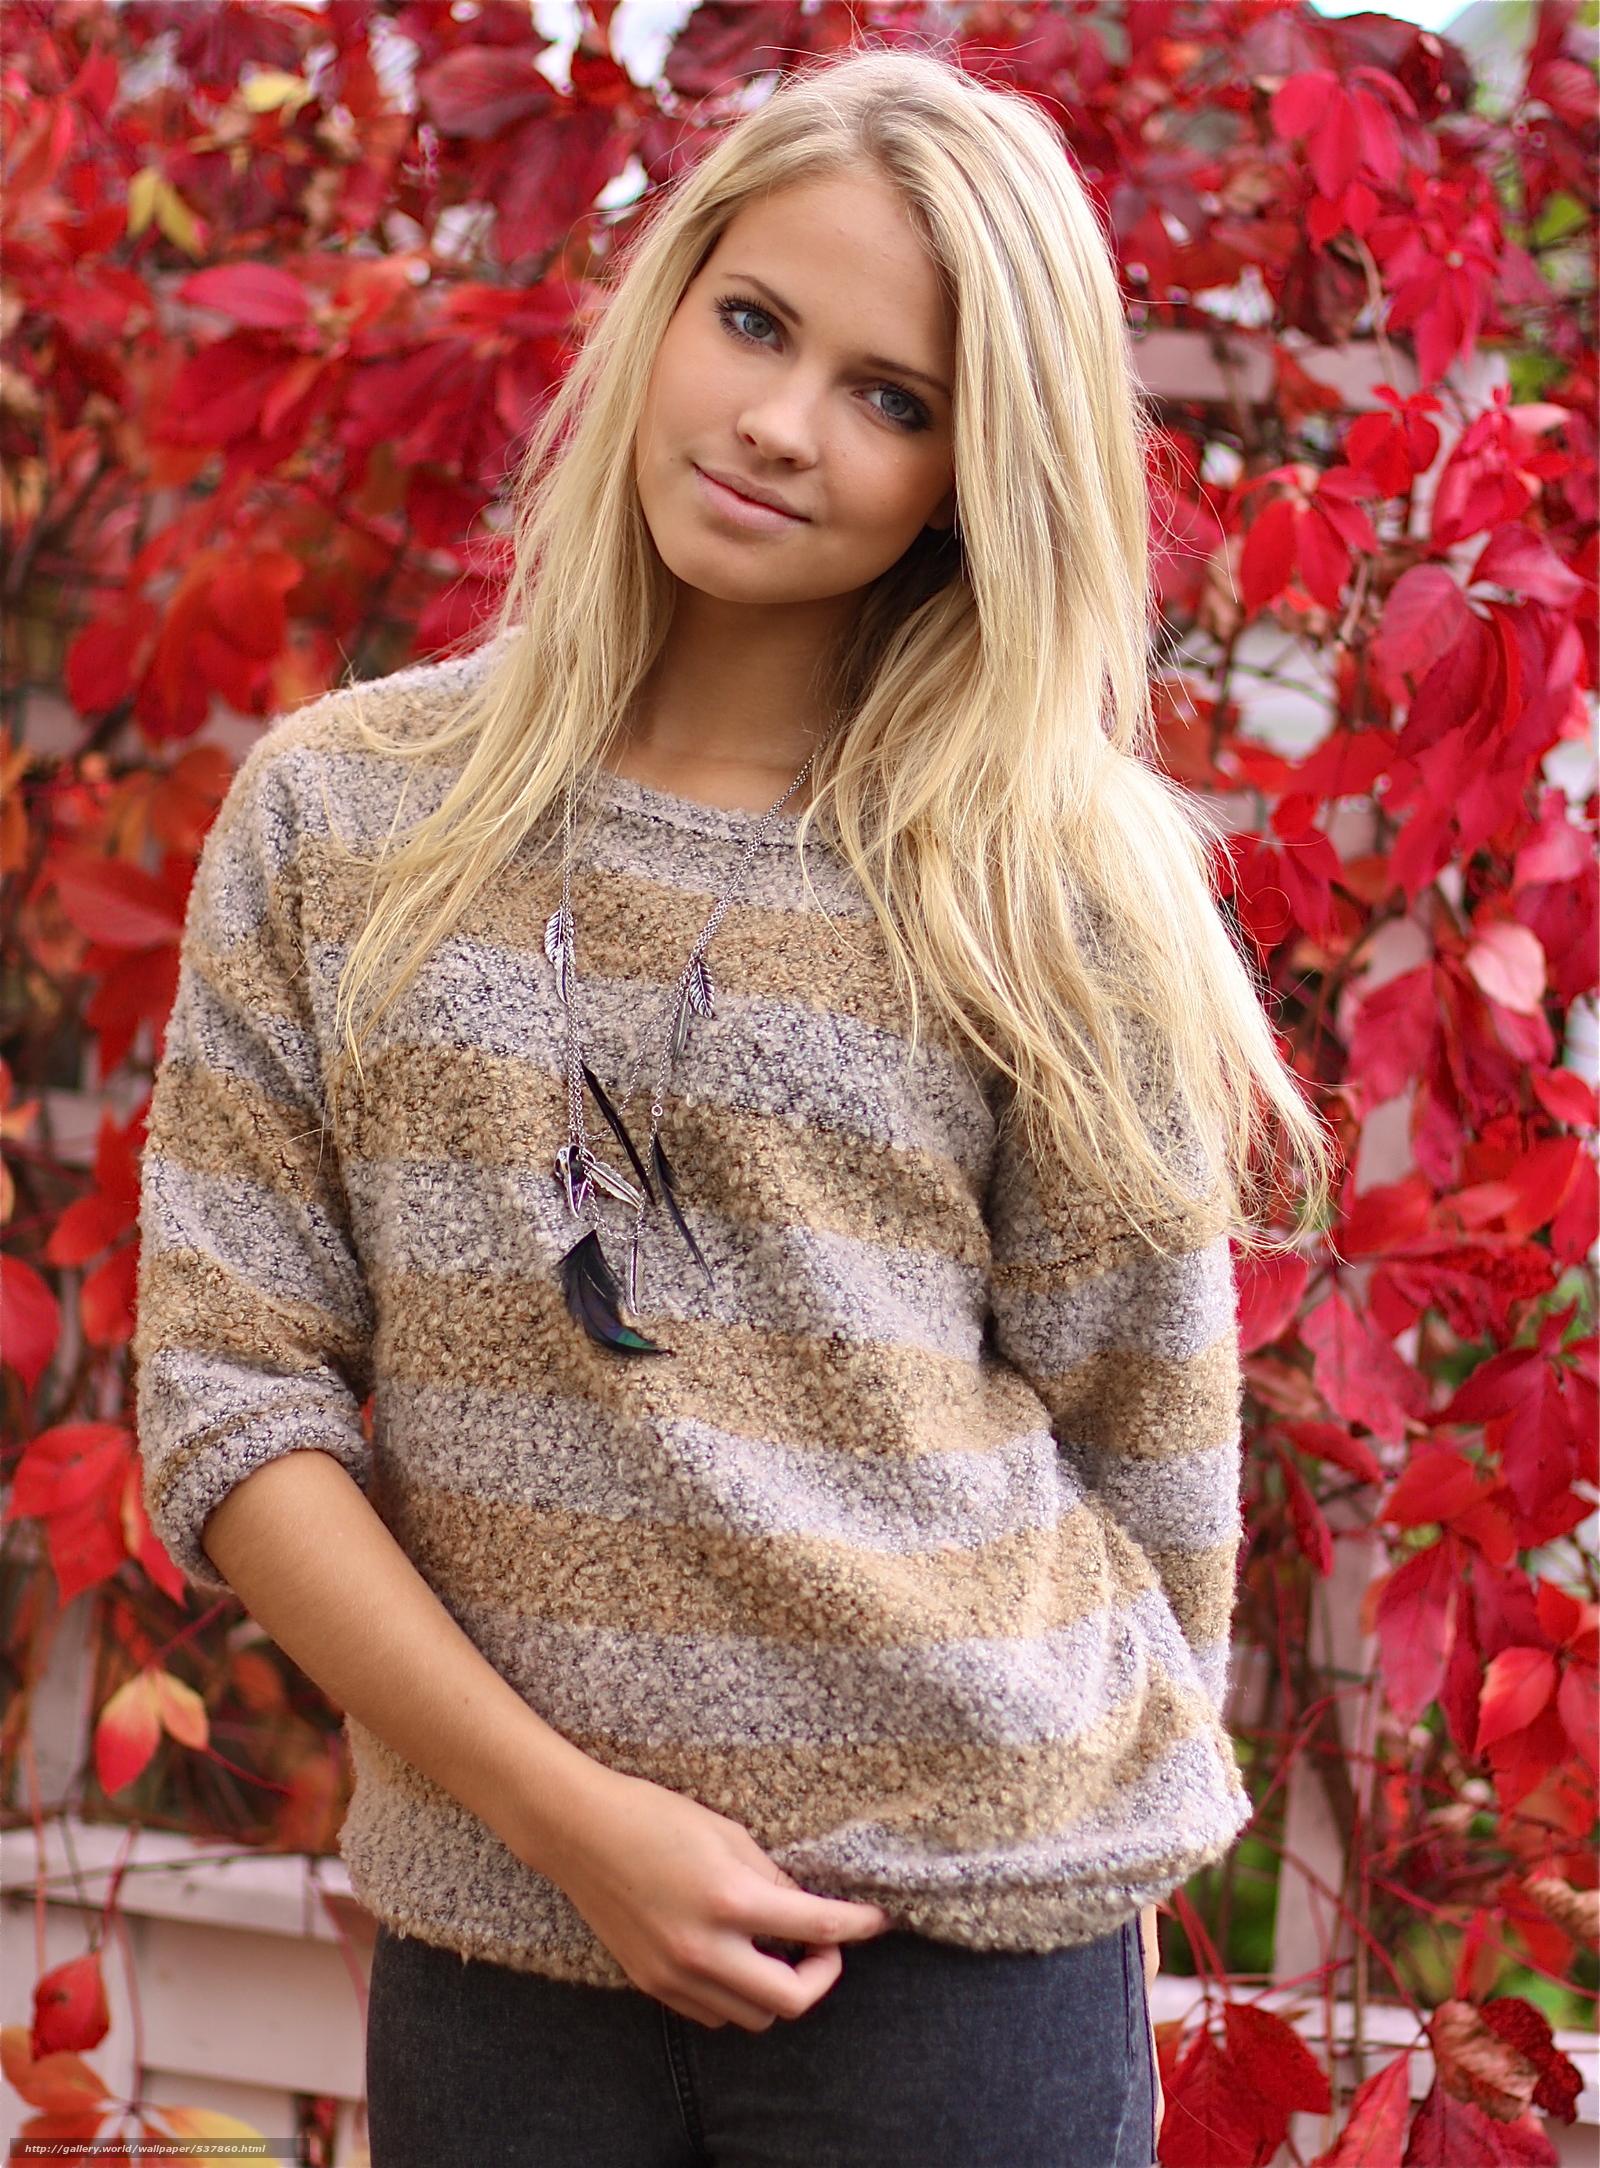 Просто Красивые Девушки Блондинки Из Обычной Жизни